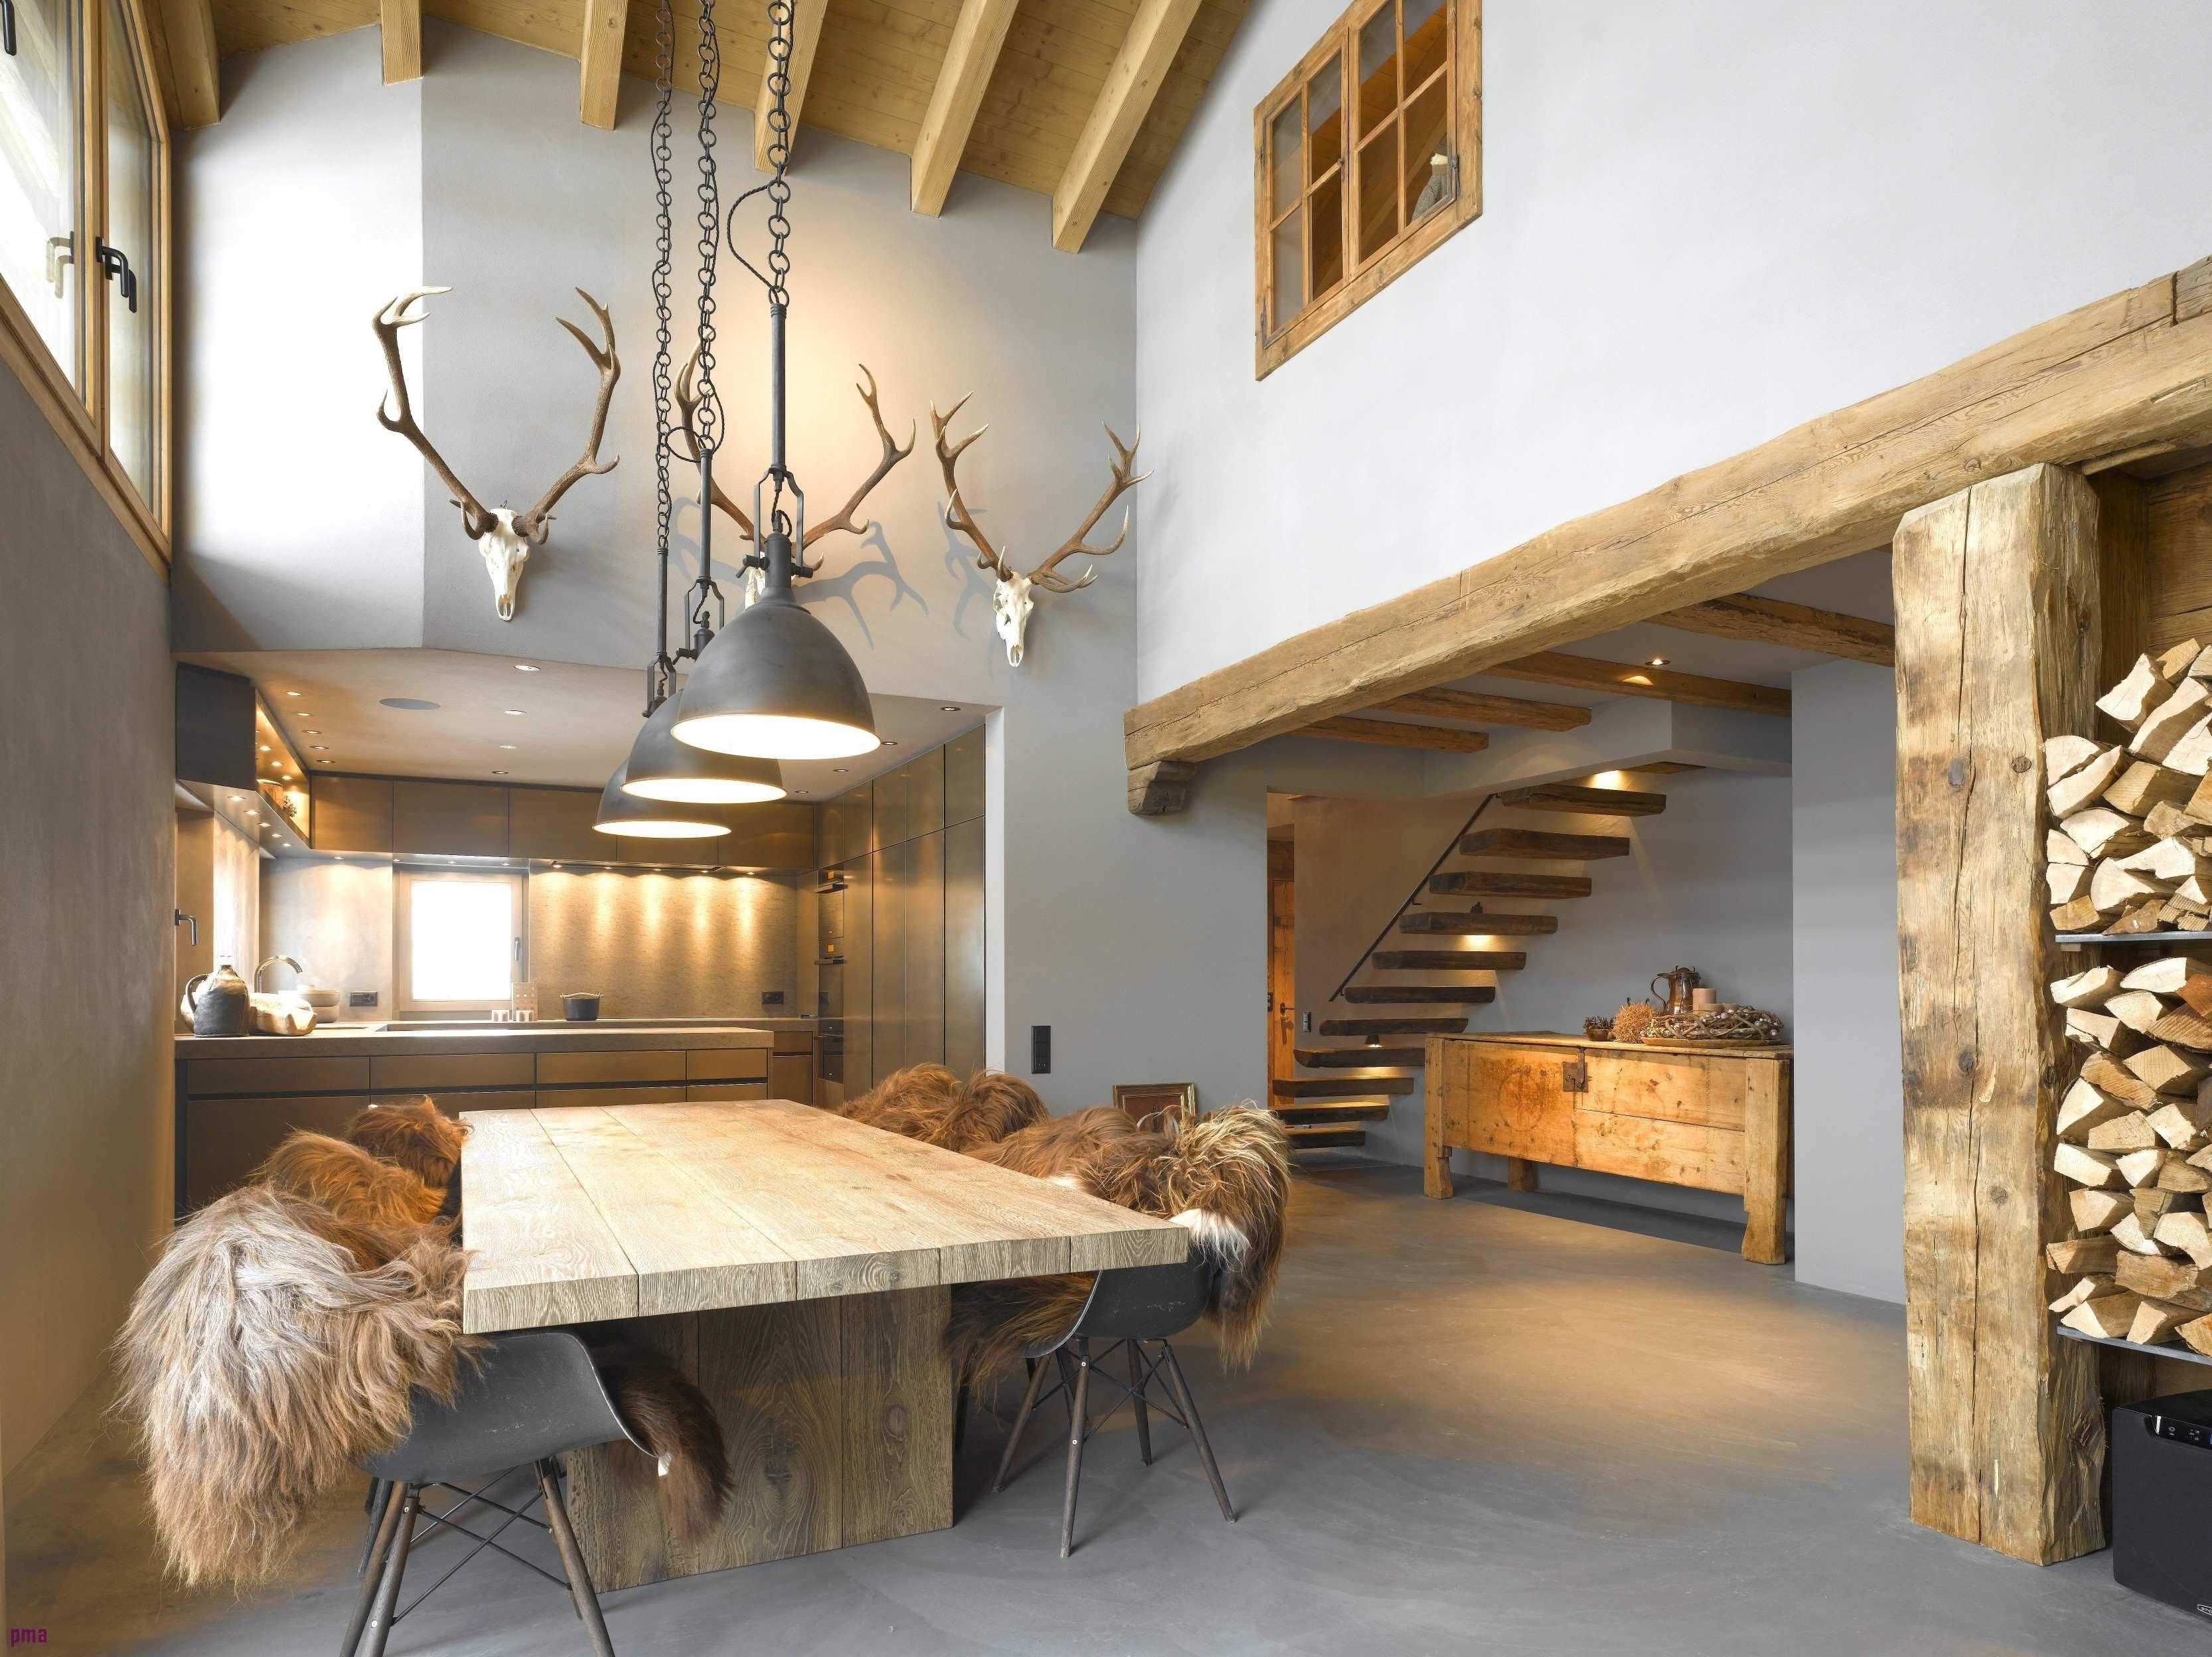 Wanddeko Wohnzimmer Holz Einzigartig 7 Frisch Wanddekoration Holz